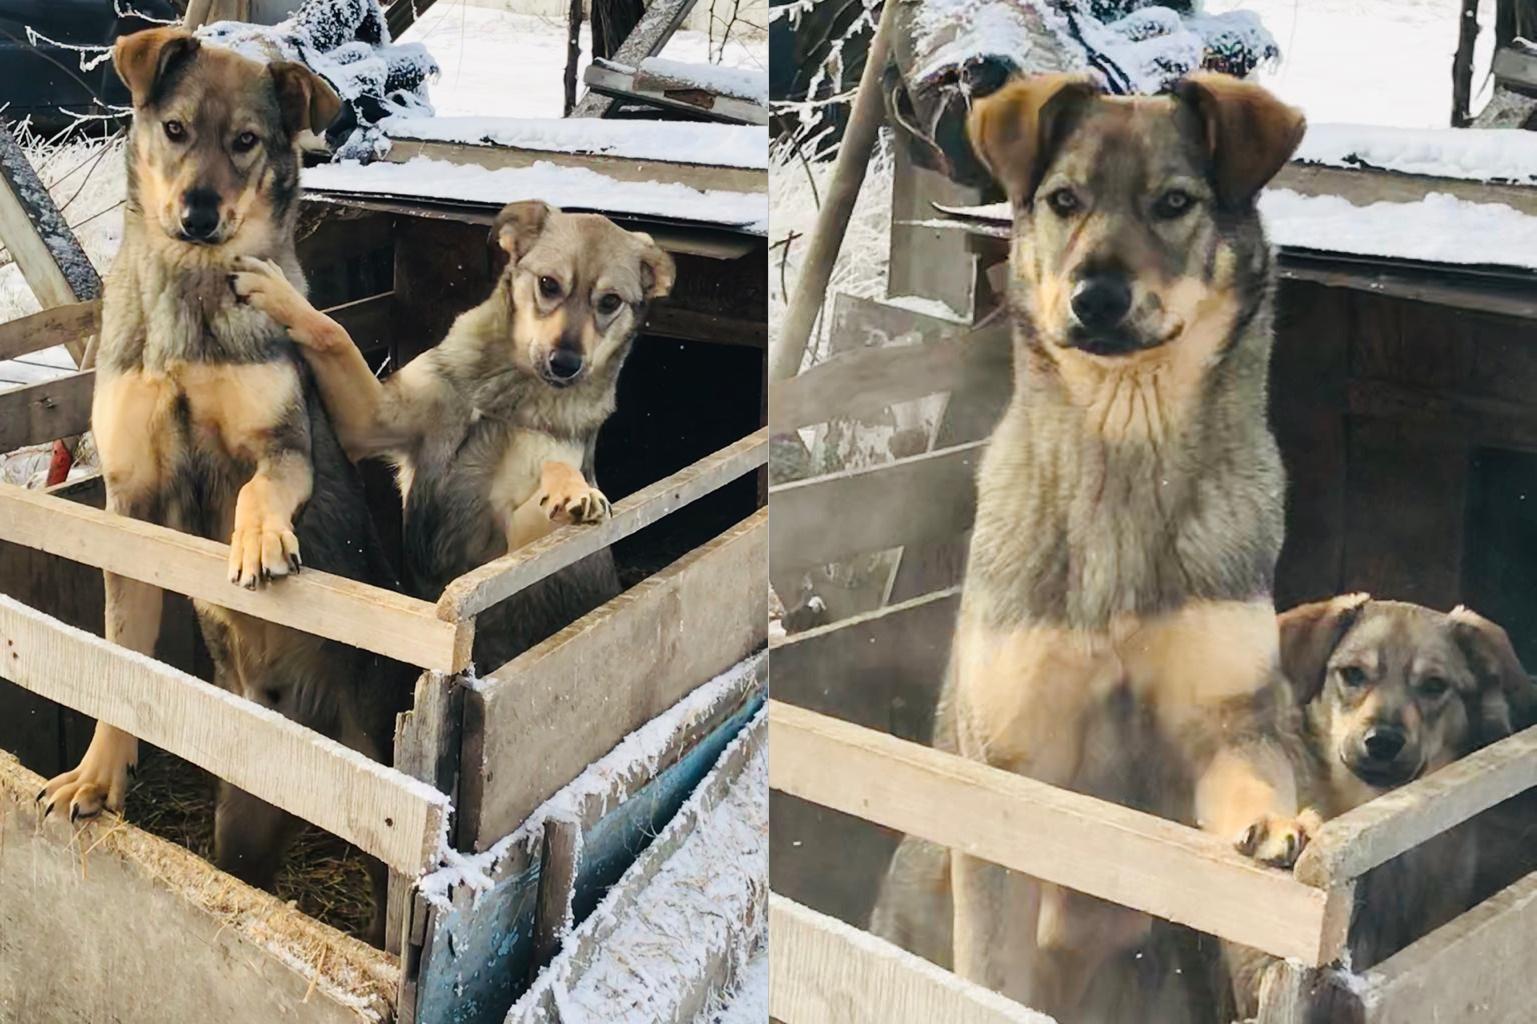 Фото Харизматичный Пирс выжил после выстрела и борется за звание «Главного пёсика Новосибирска» – трогательная история третьего финалиста 2